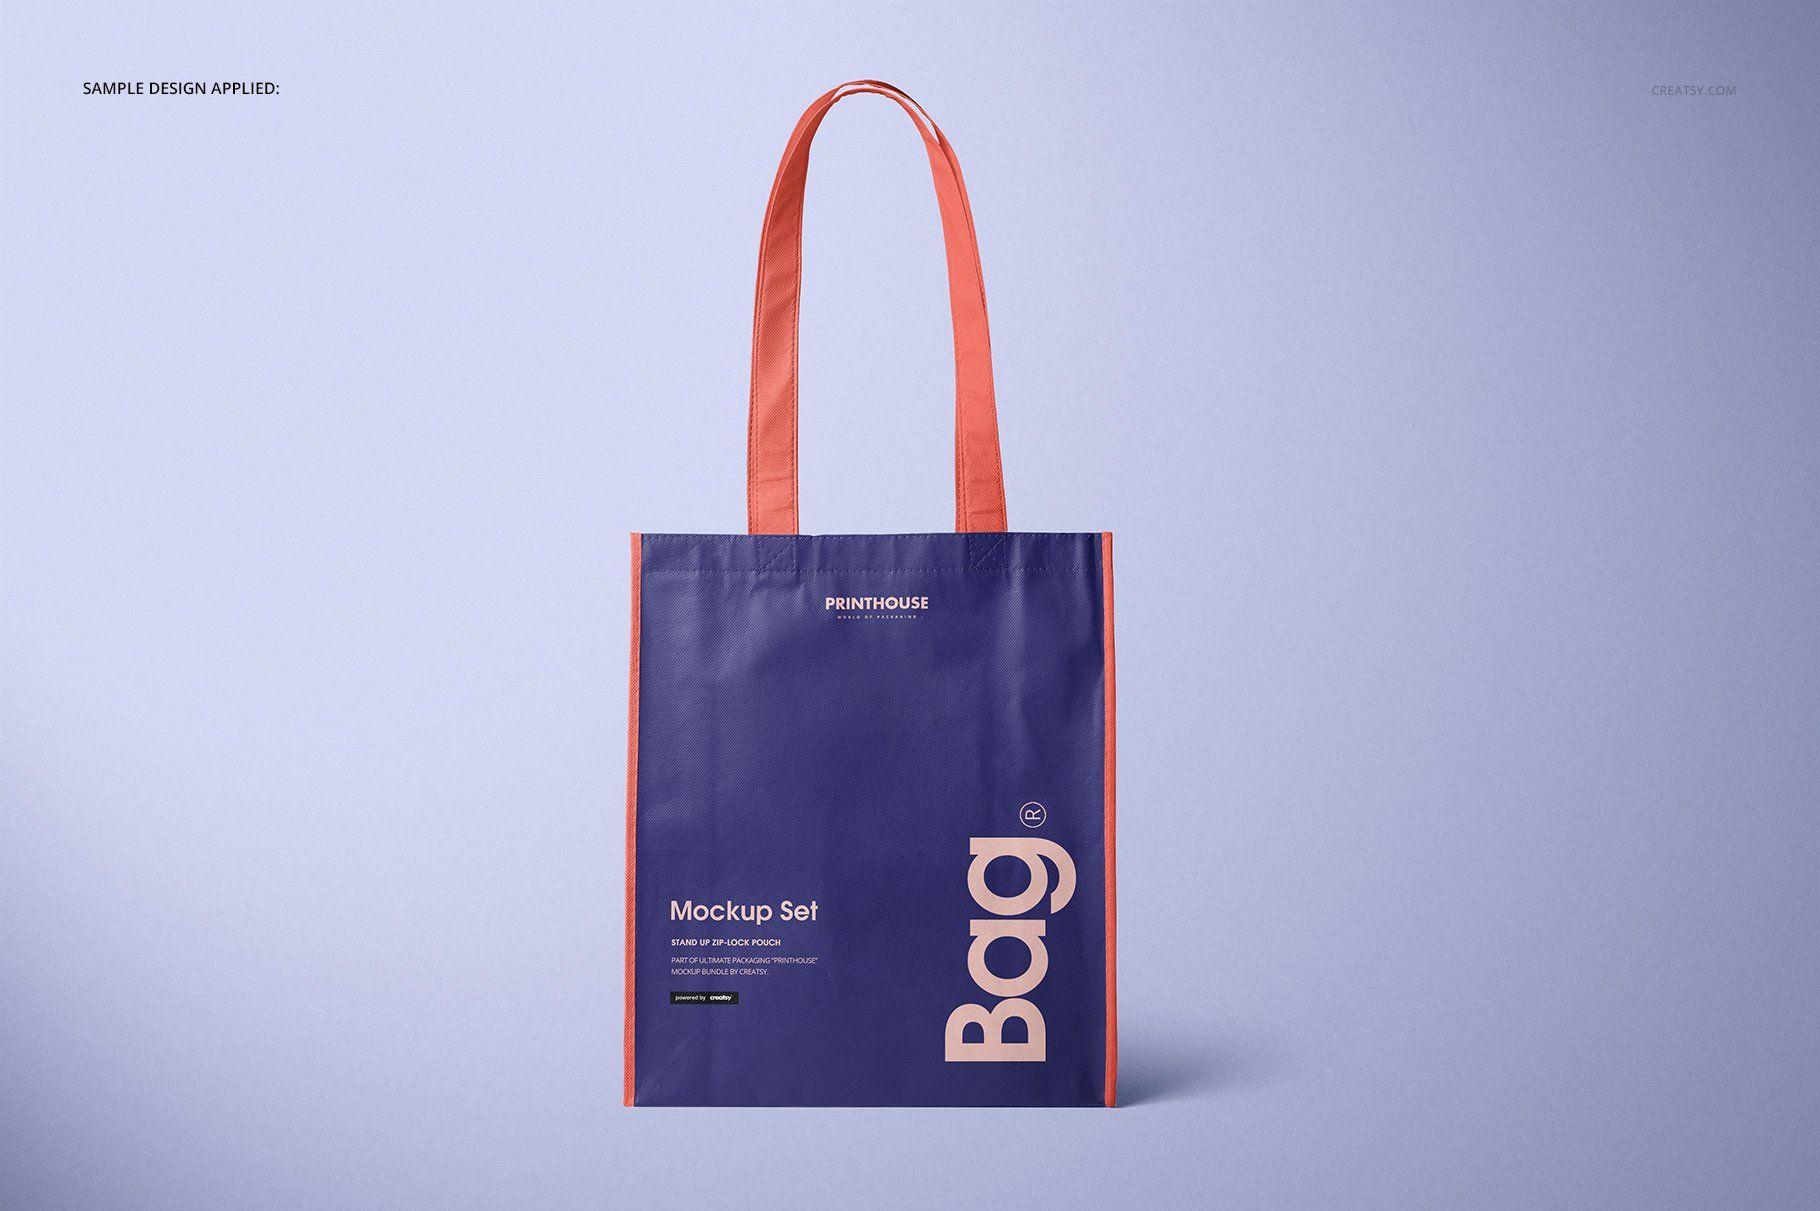 Download Laminated Non Woven Bag Mockups 2 Non Woven Bags Bags Woven Bag